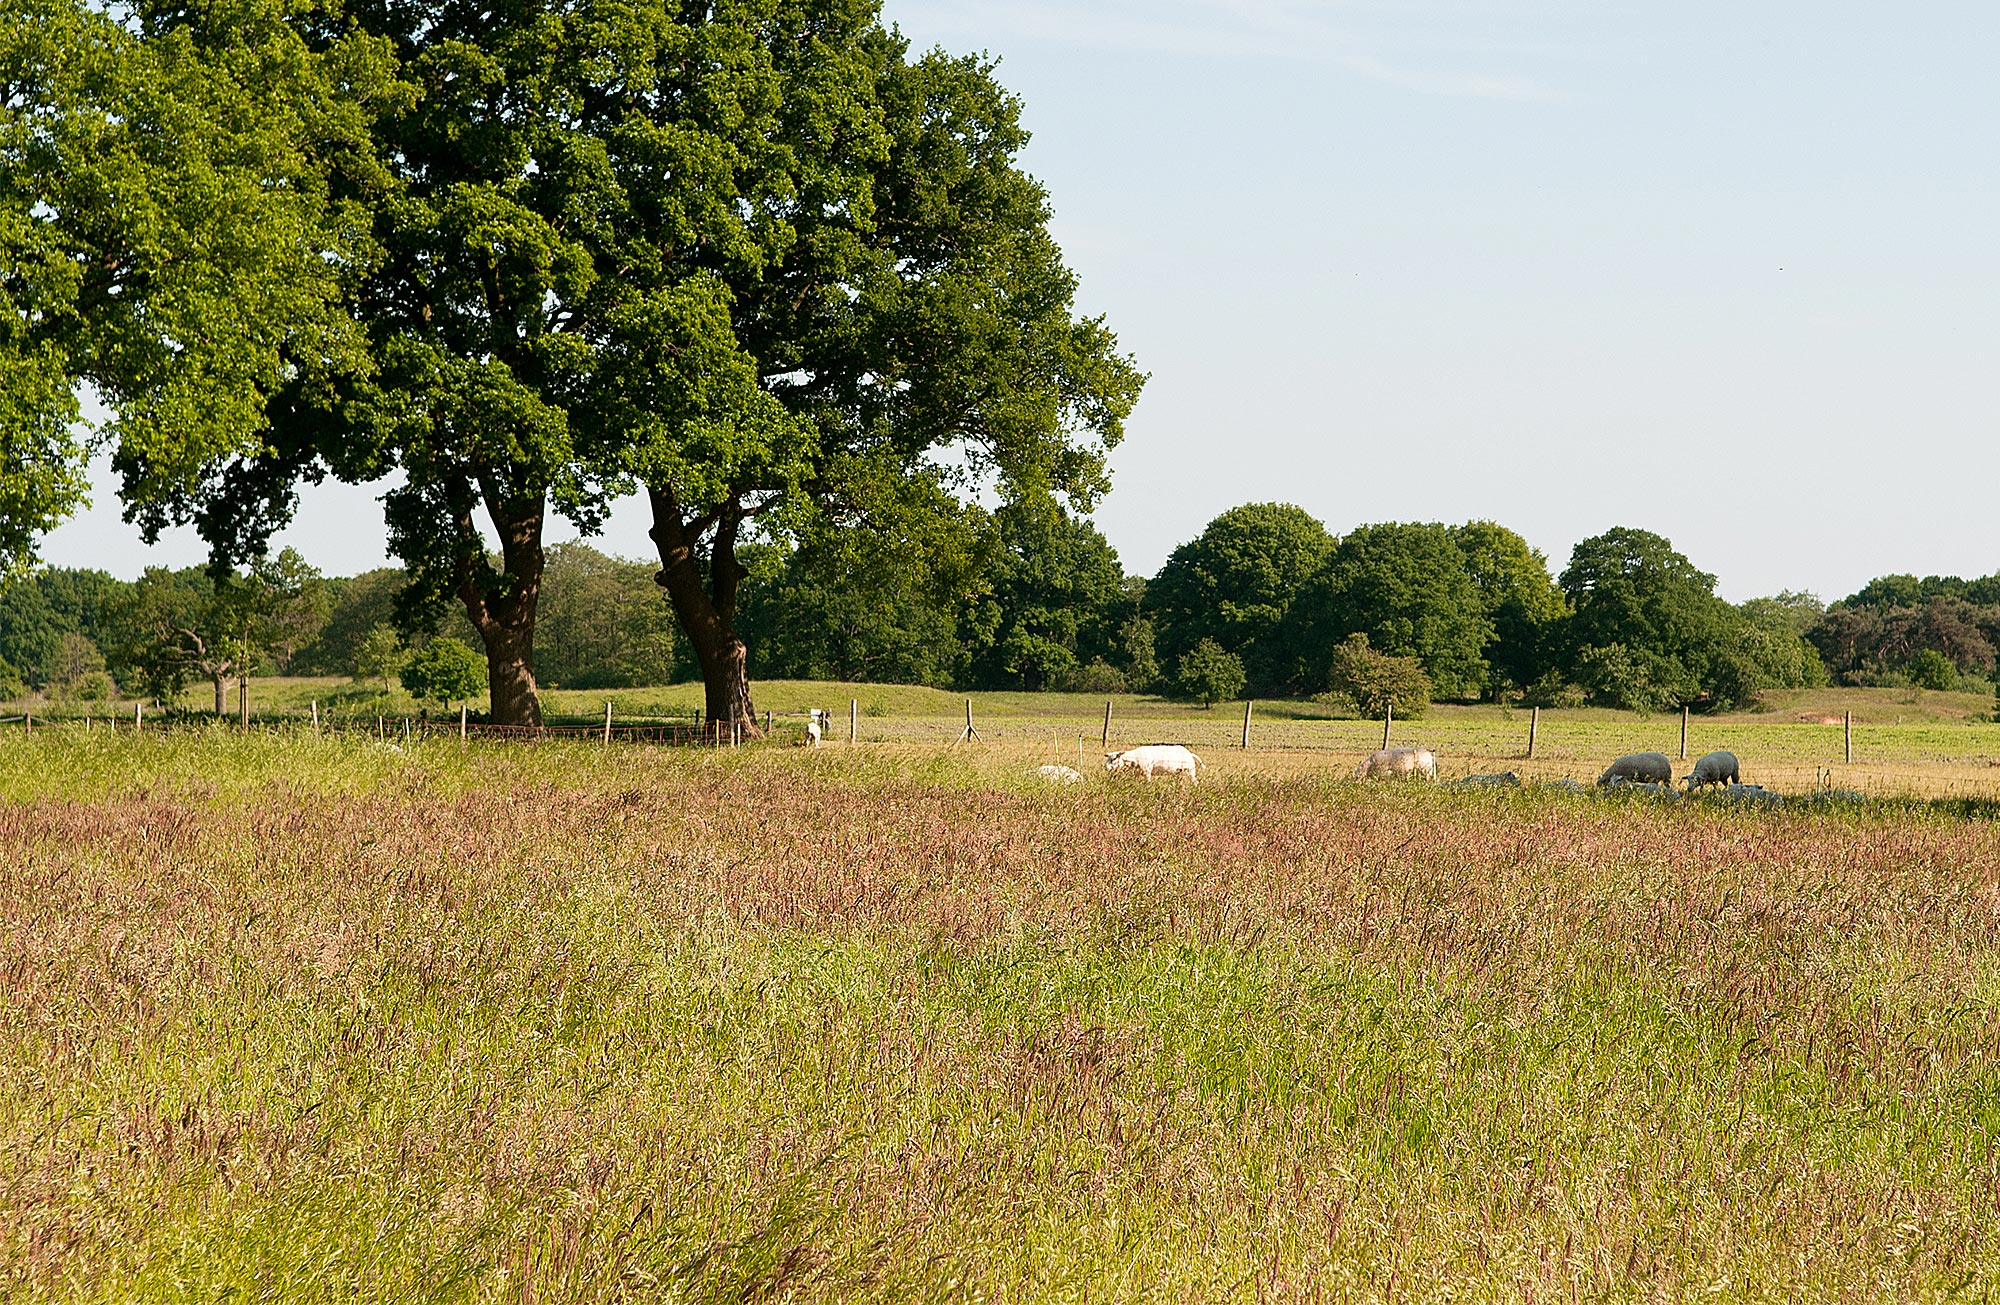 Die hübsche Landschaft von Overijssel entdecken und genießen